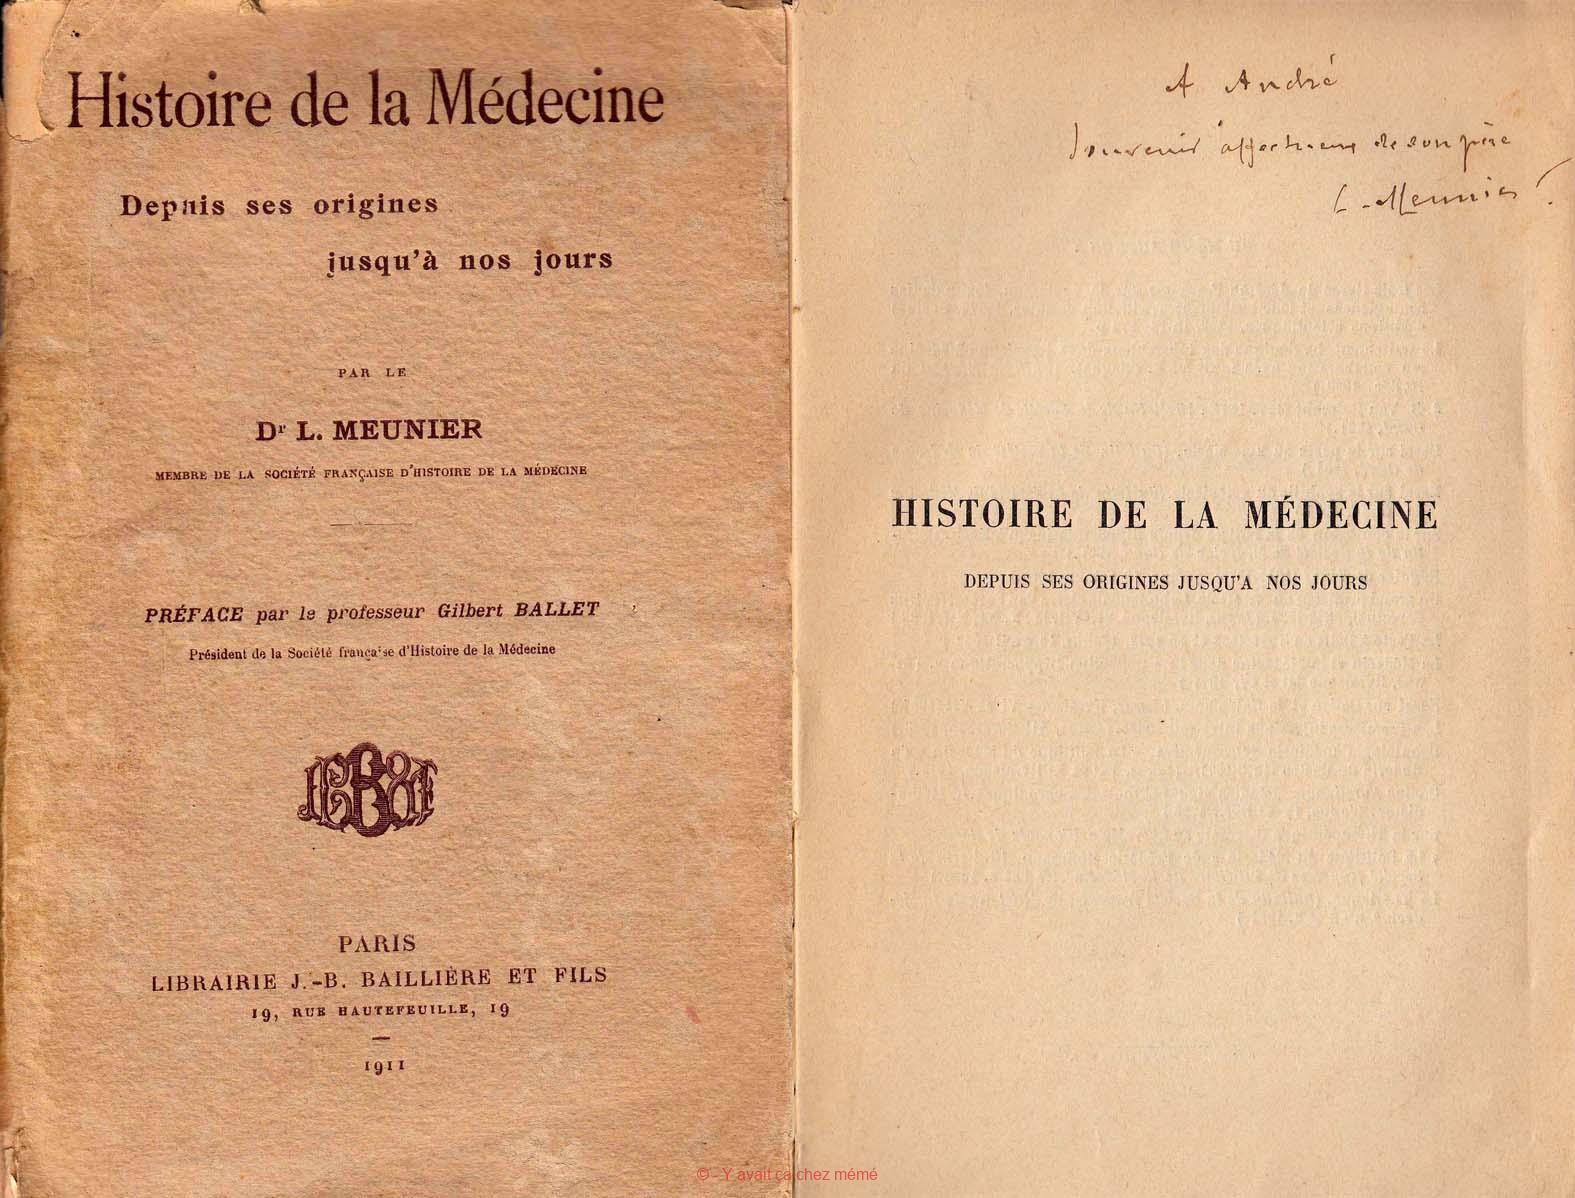 Histoire de la Médecine par le Dr Léon MEUNIER